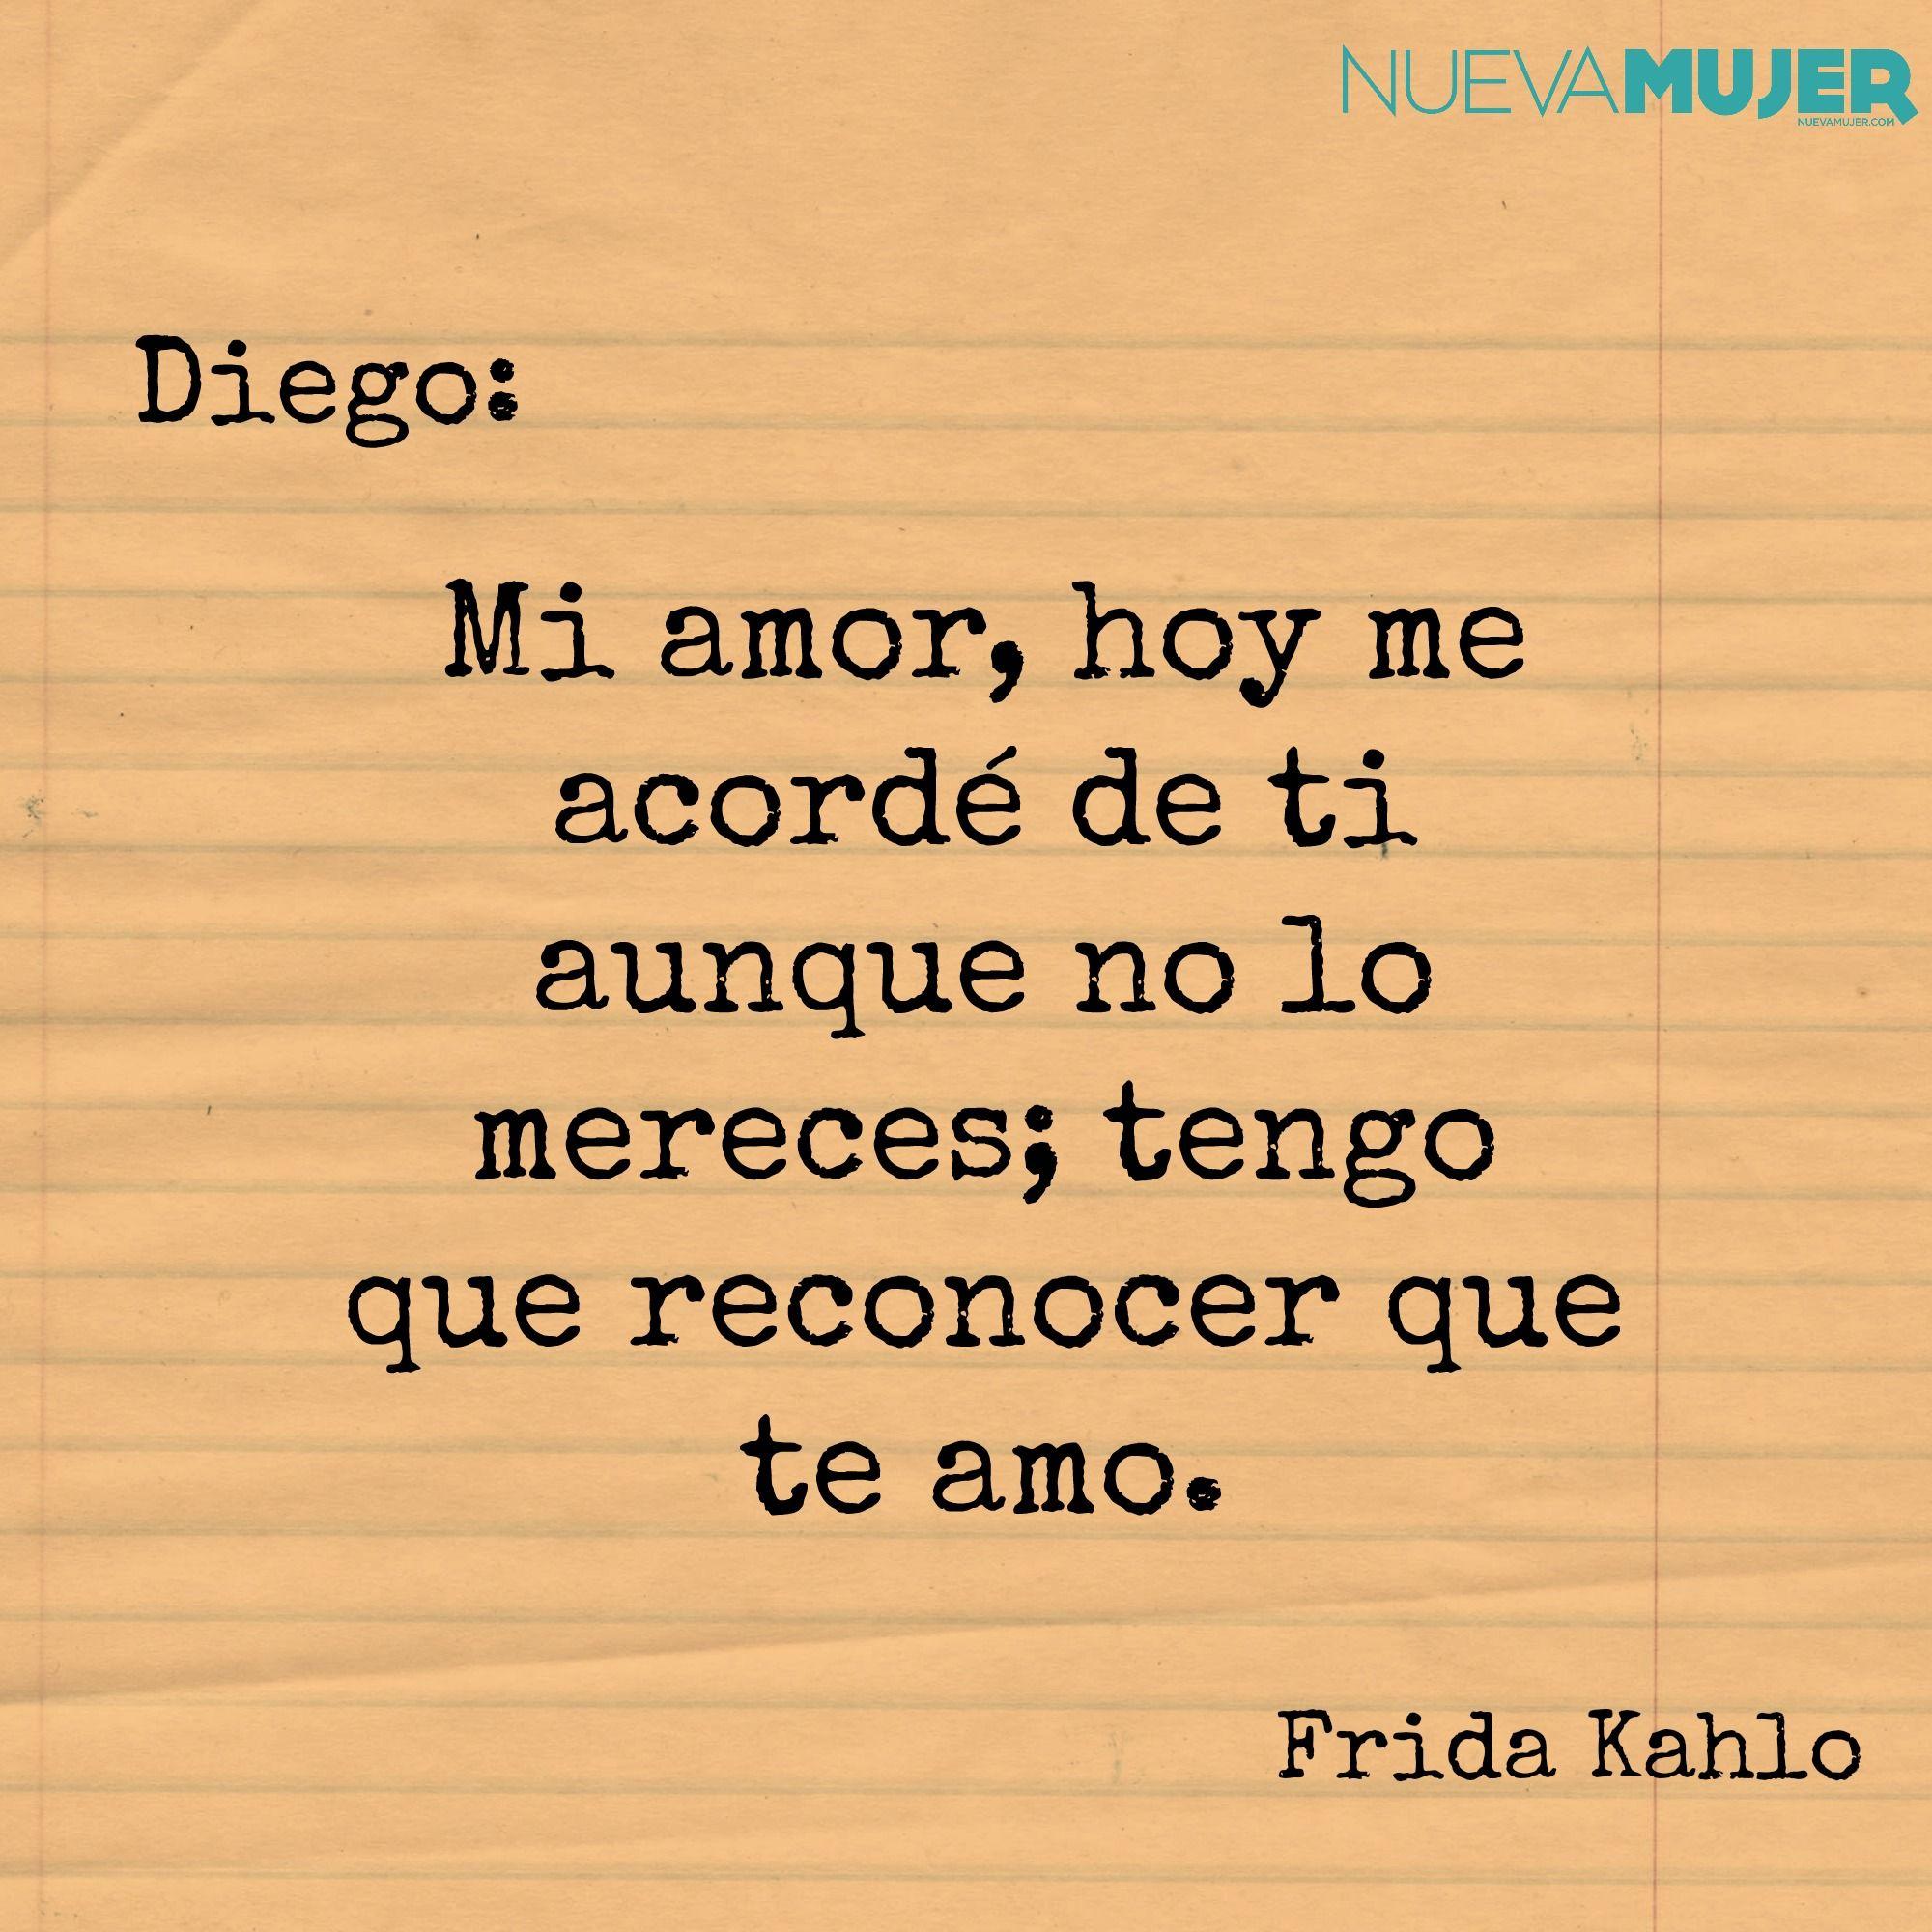 Poema De Diego Rivera A Frida Kahlo Pin En Fridakhalo